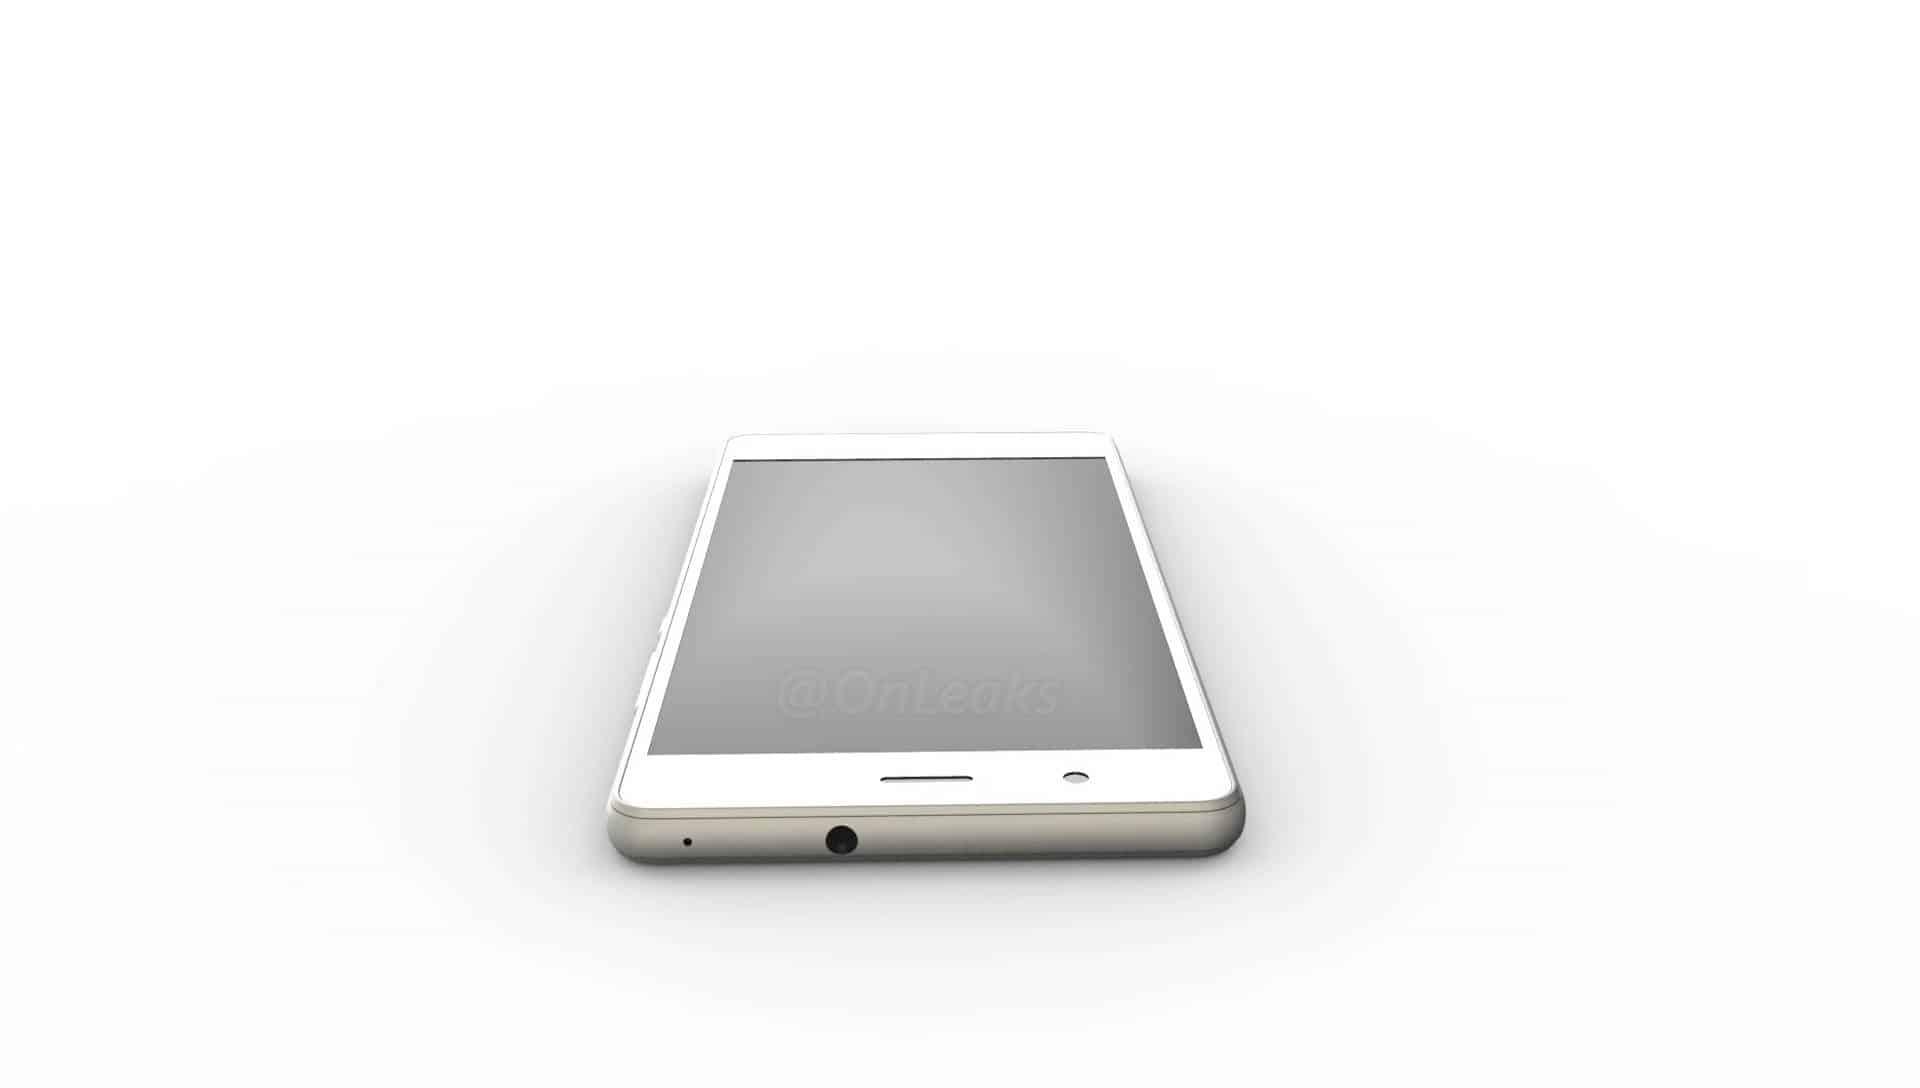 Huawei P9 Lite leaked render 6